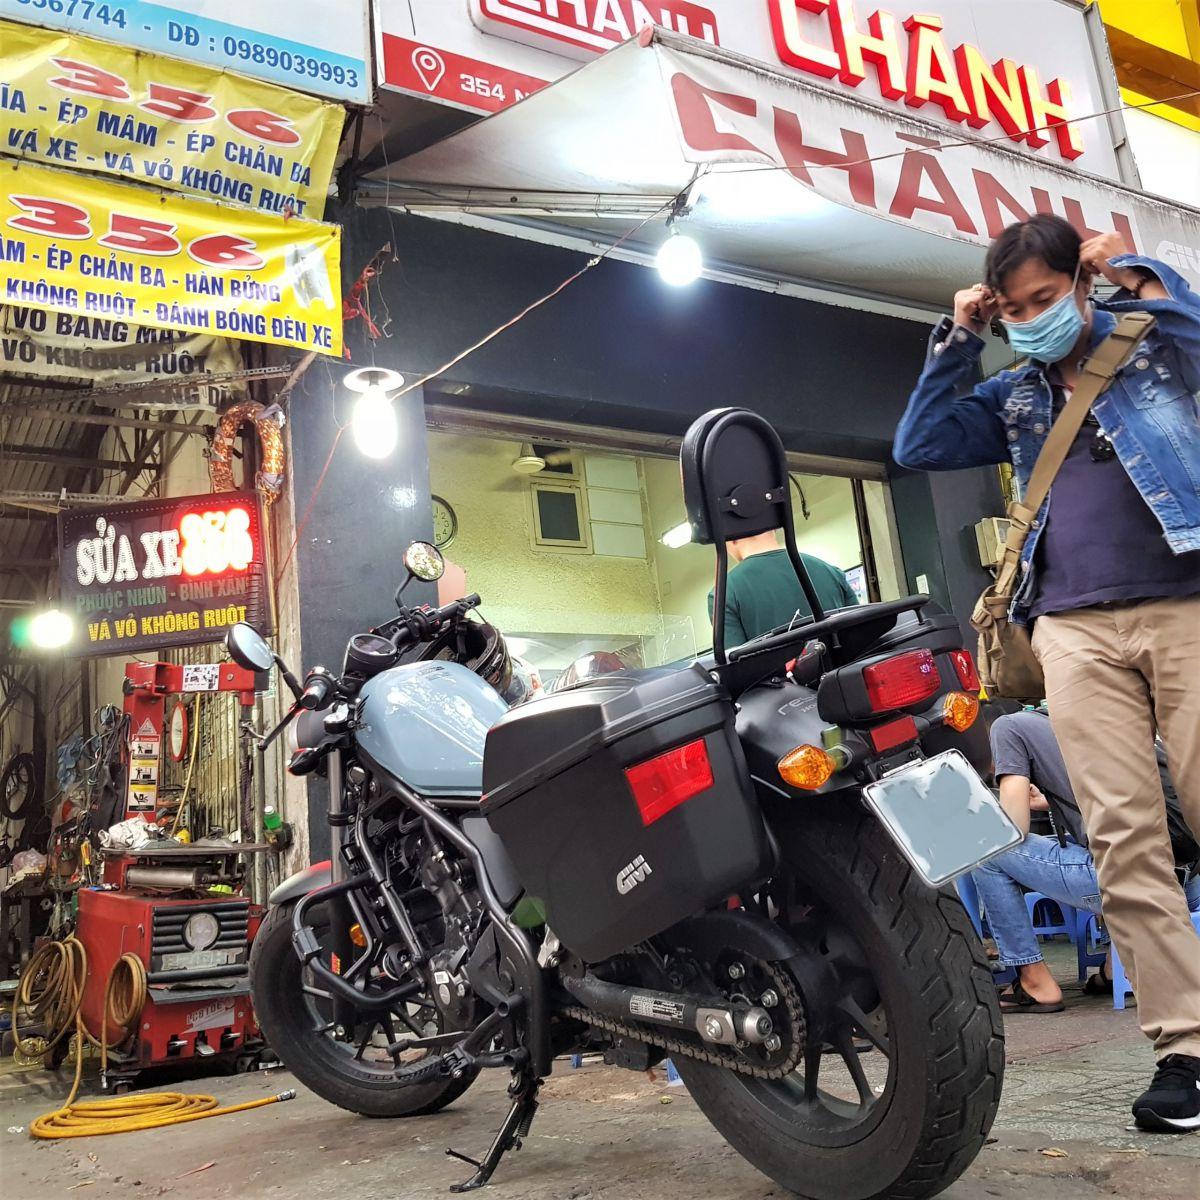 Thung-hong-givi-e22n-xe-honda-rebell-300-7